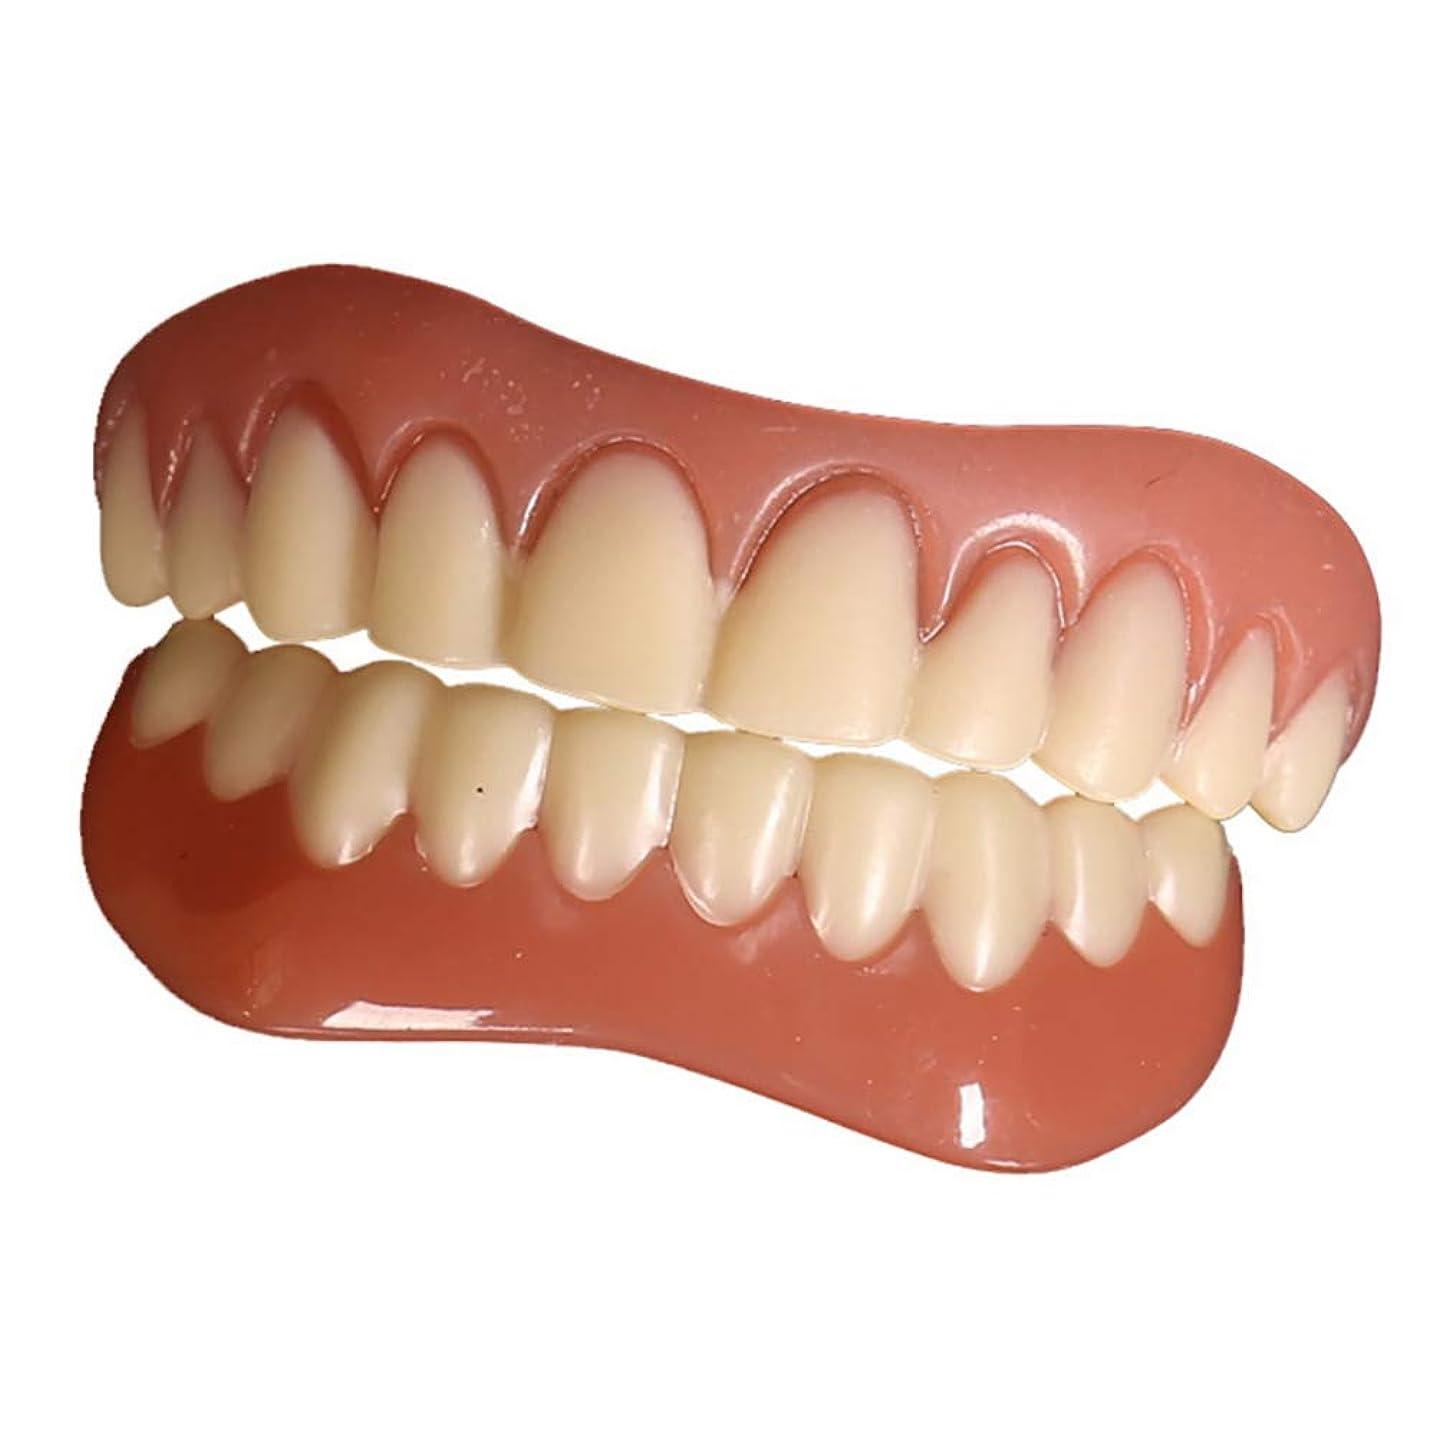 エレガントカウントふつうシリコーン歯突き板ホワイトニングパーフェクトスマイルコンフォートフィットフレックス歯トップトゥース化粧品突き板ワンサイズフィットすべて - 2個